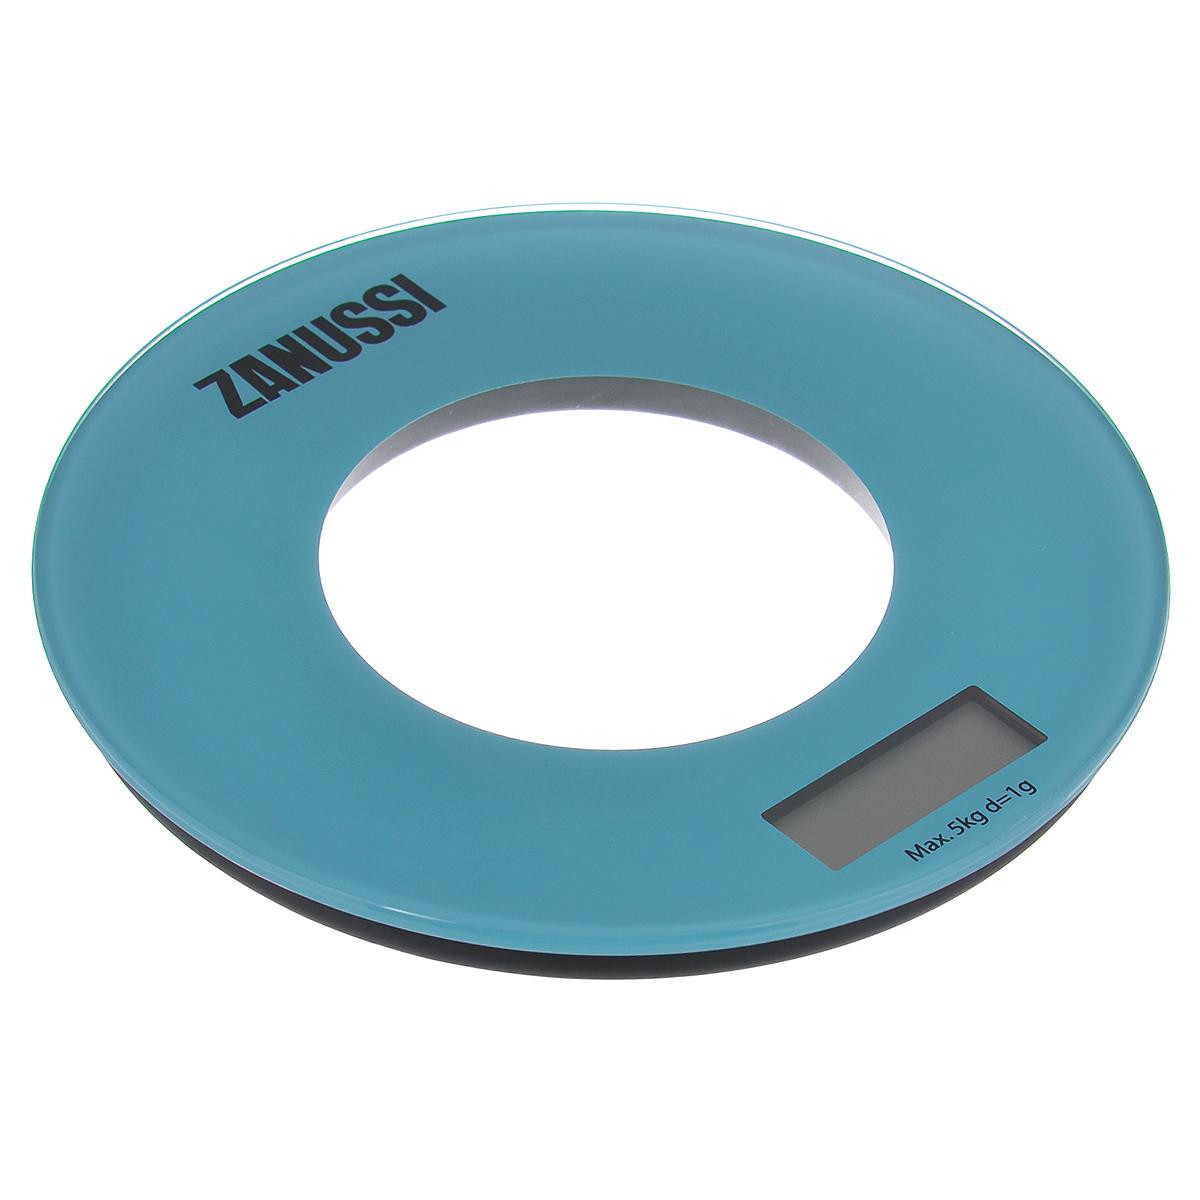 """Кухонные весы Zanussi """"Bologna"""", цвет: голубой. ZSE21221FF"""